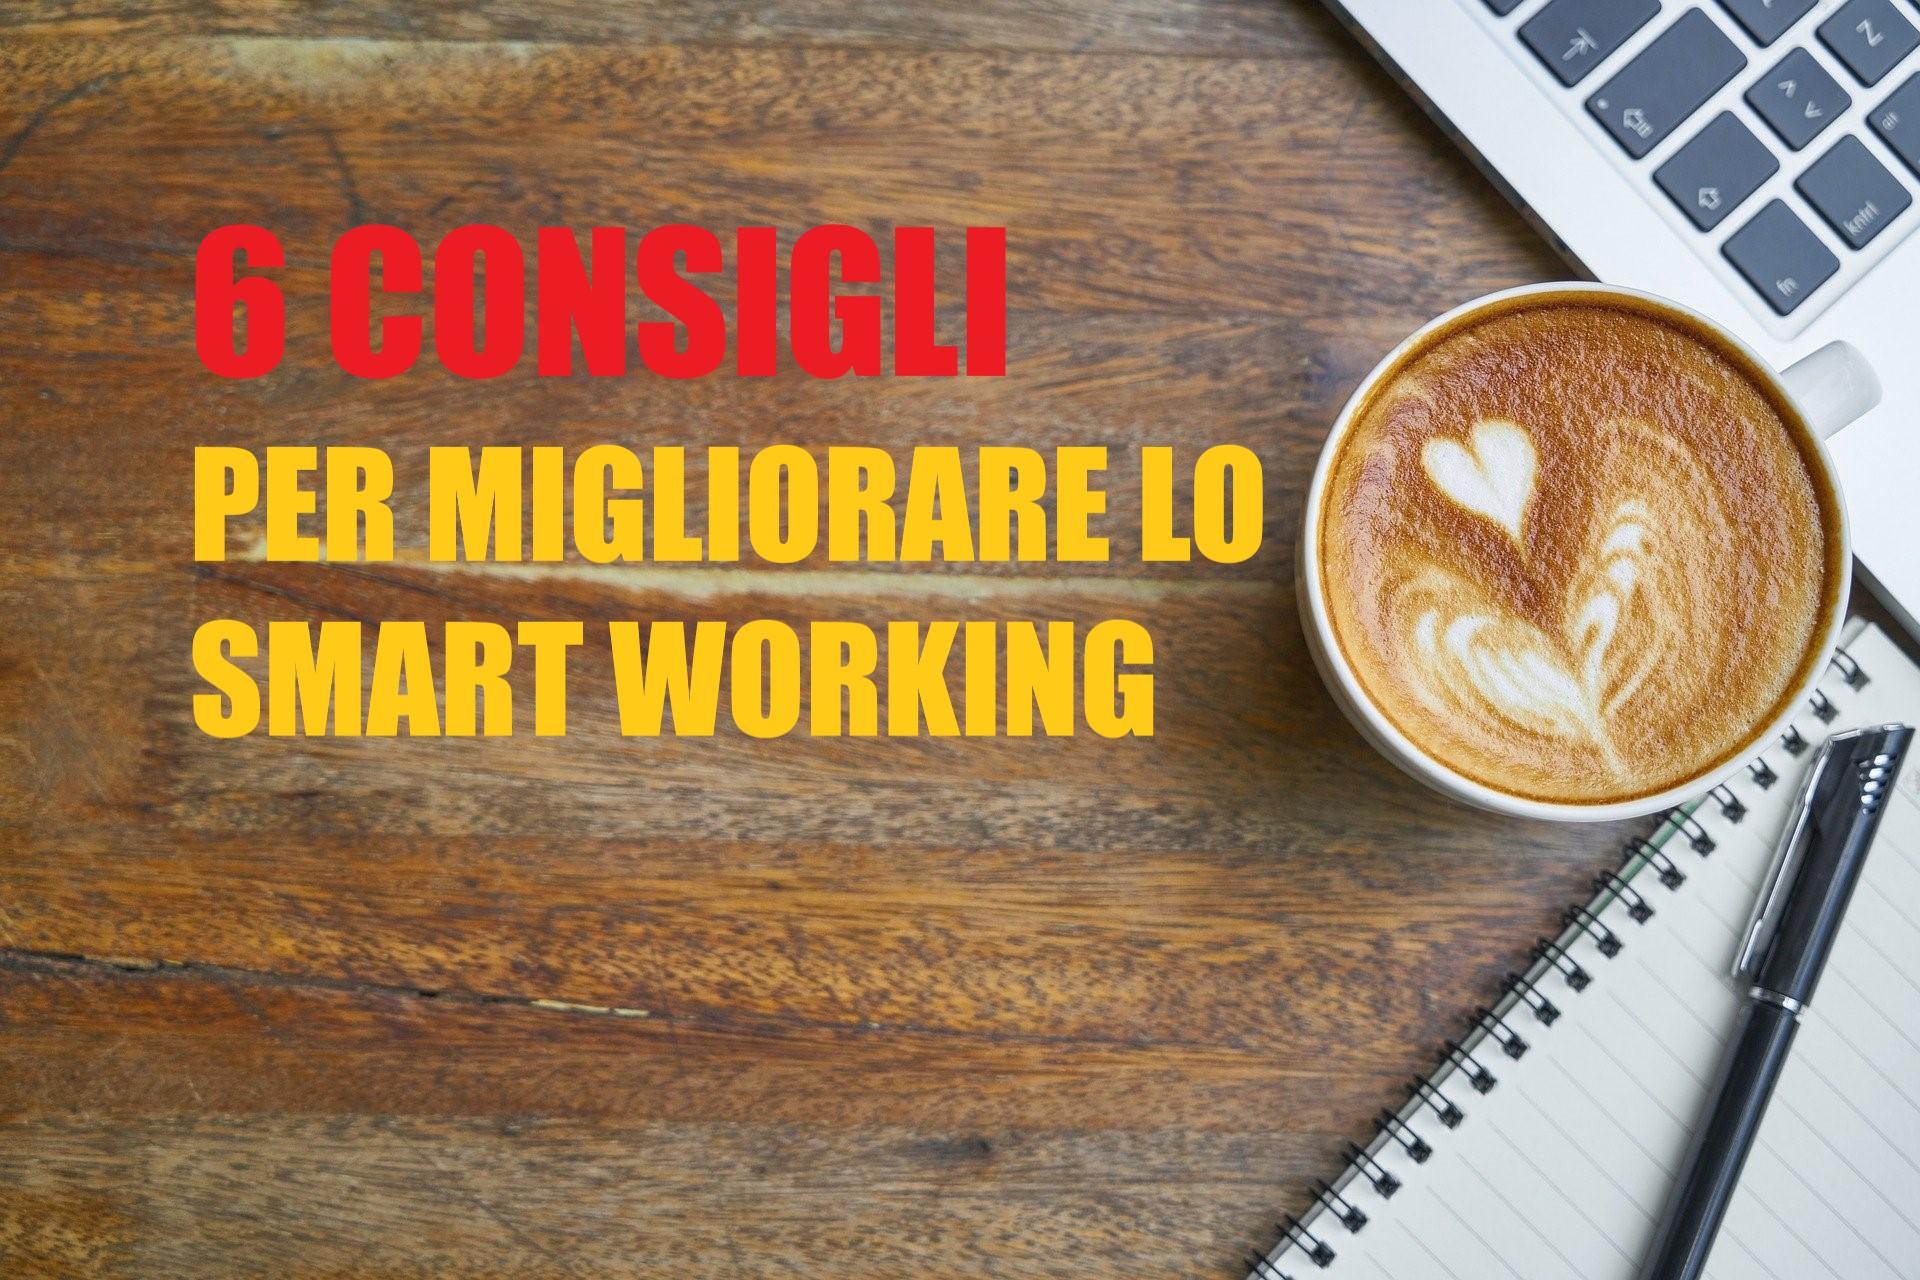 consigli migliorare smart working